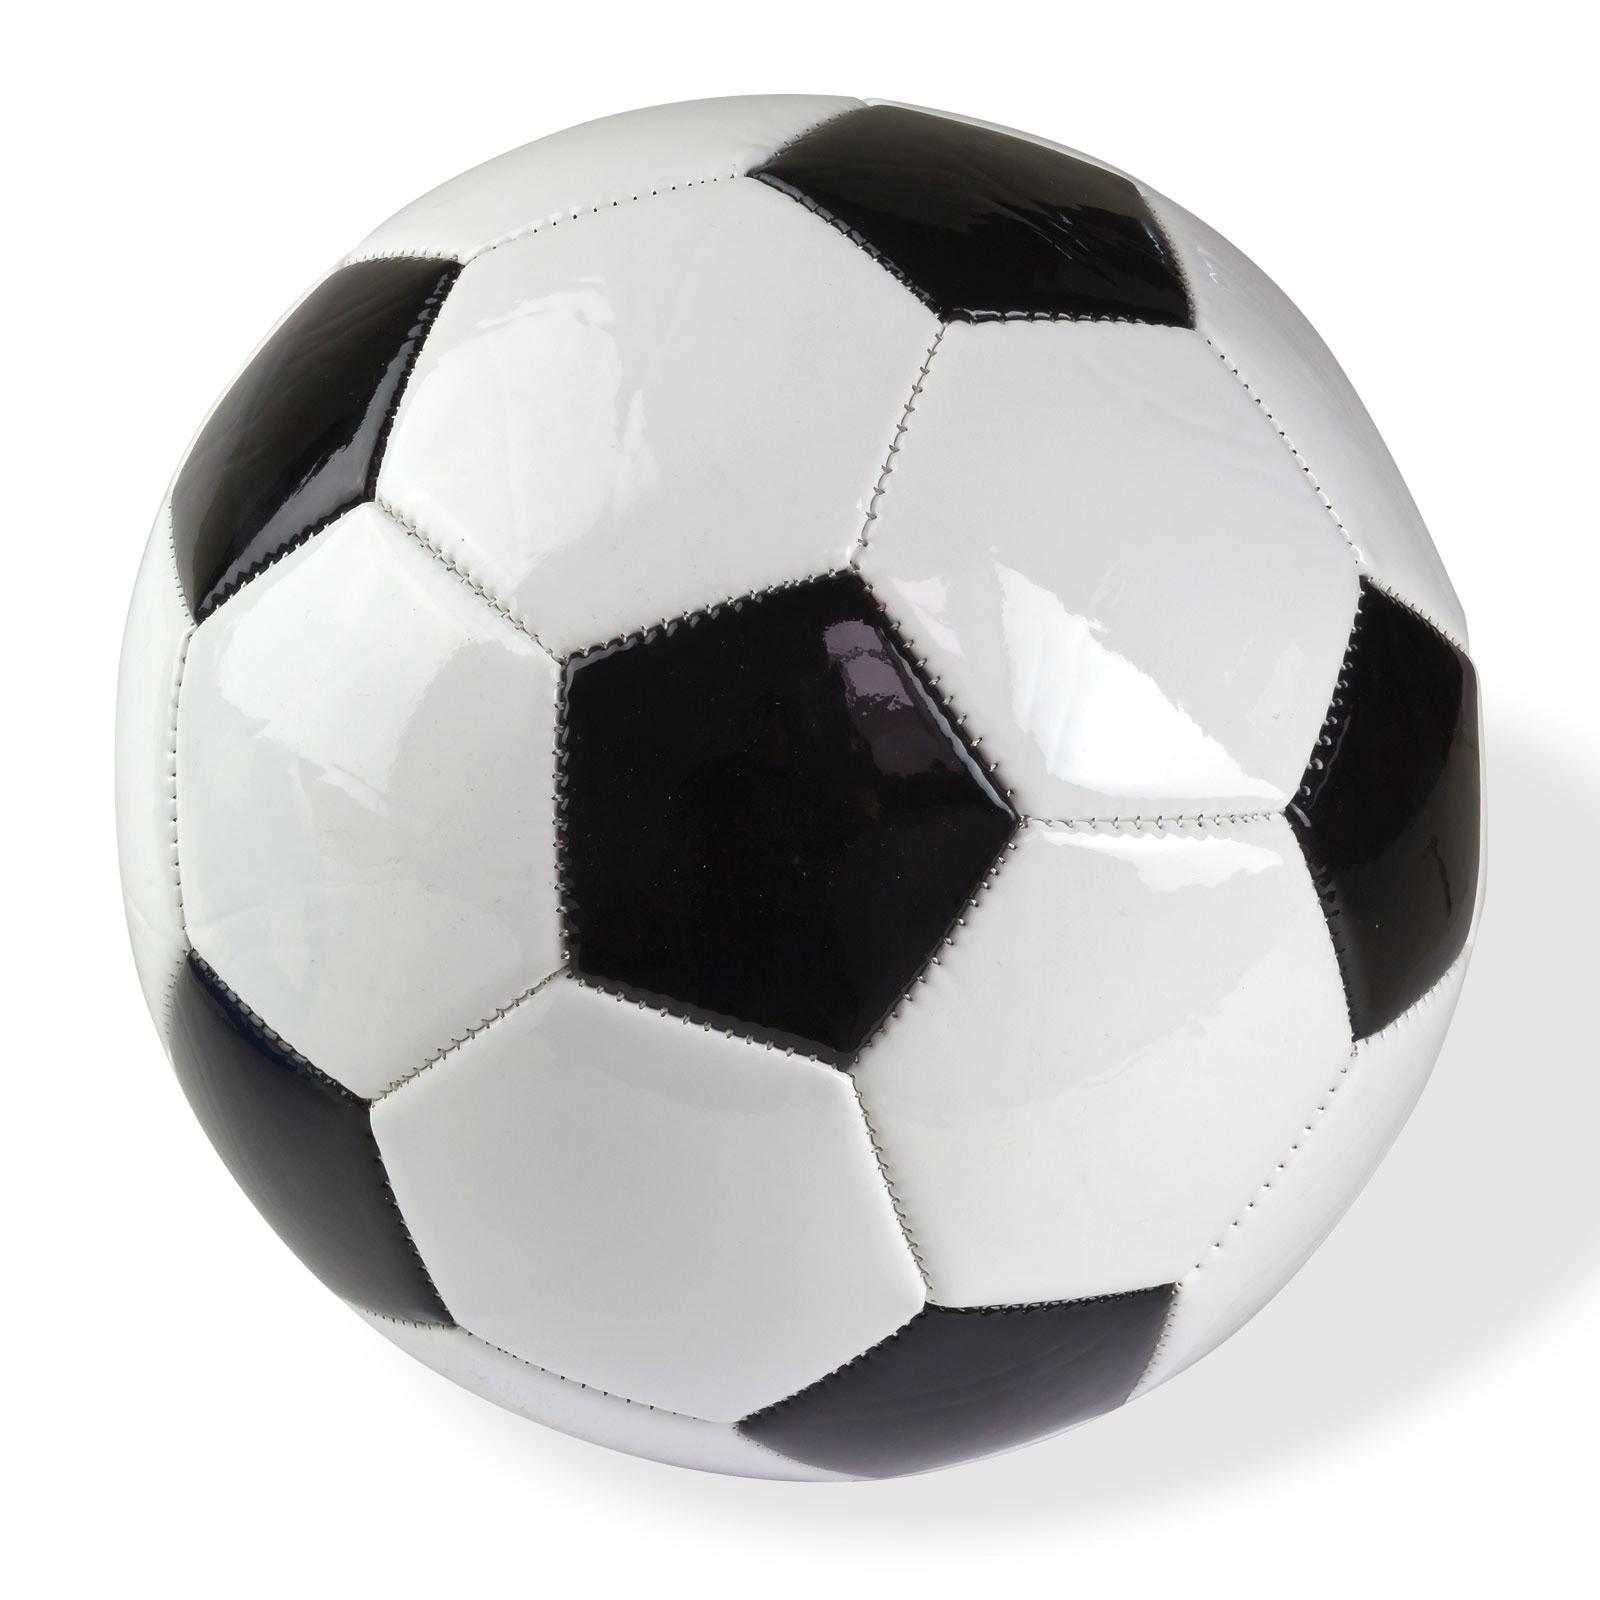 Kunstleder Fußball Kinder Ball Trainingsball Güde Blau Weiß Standardgröße 5 Bälle